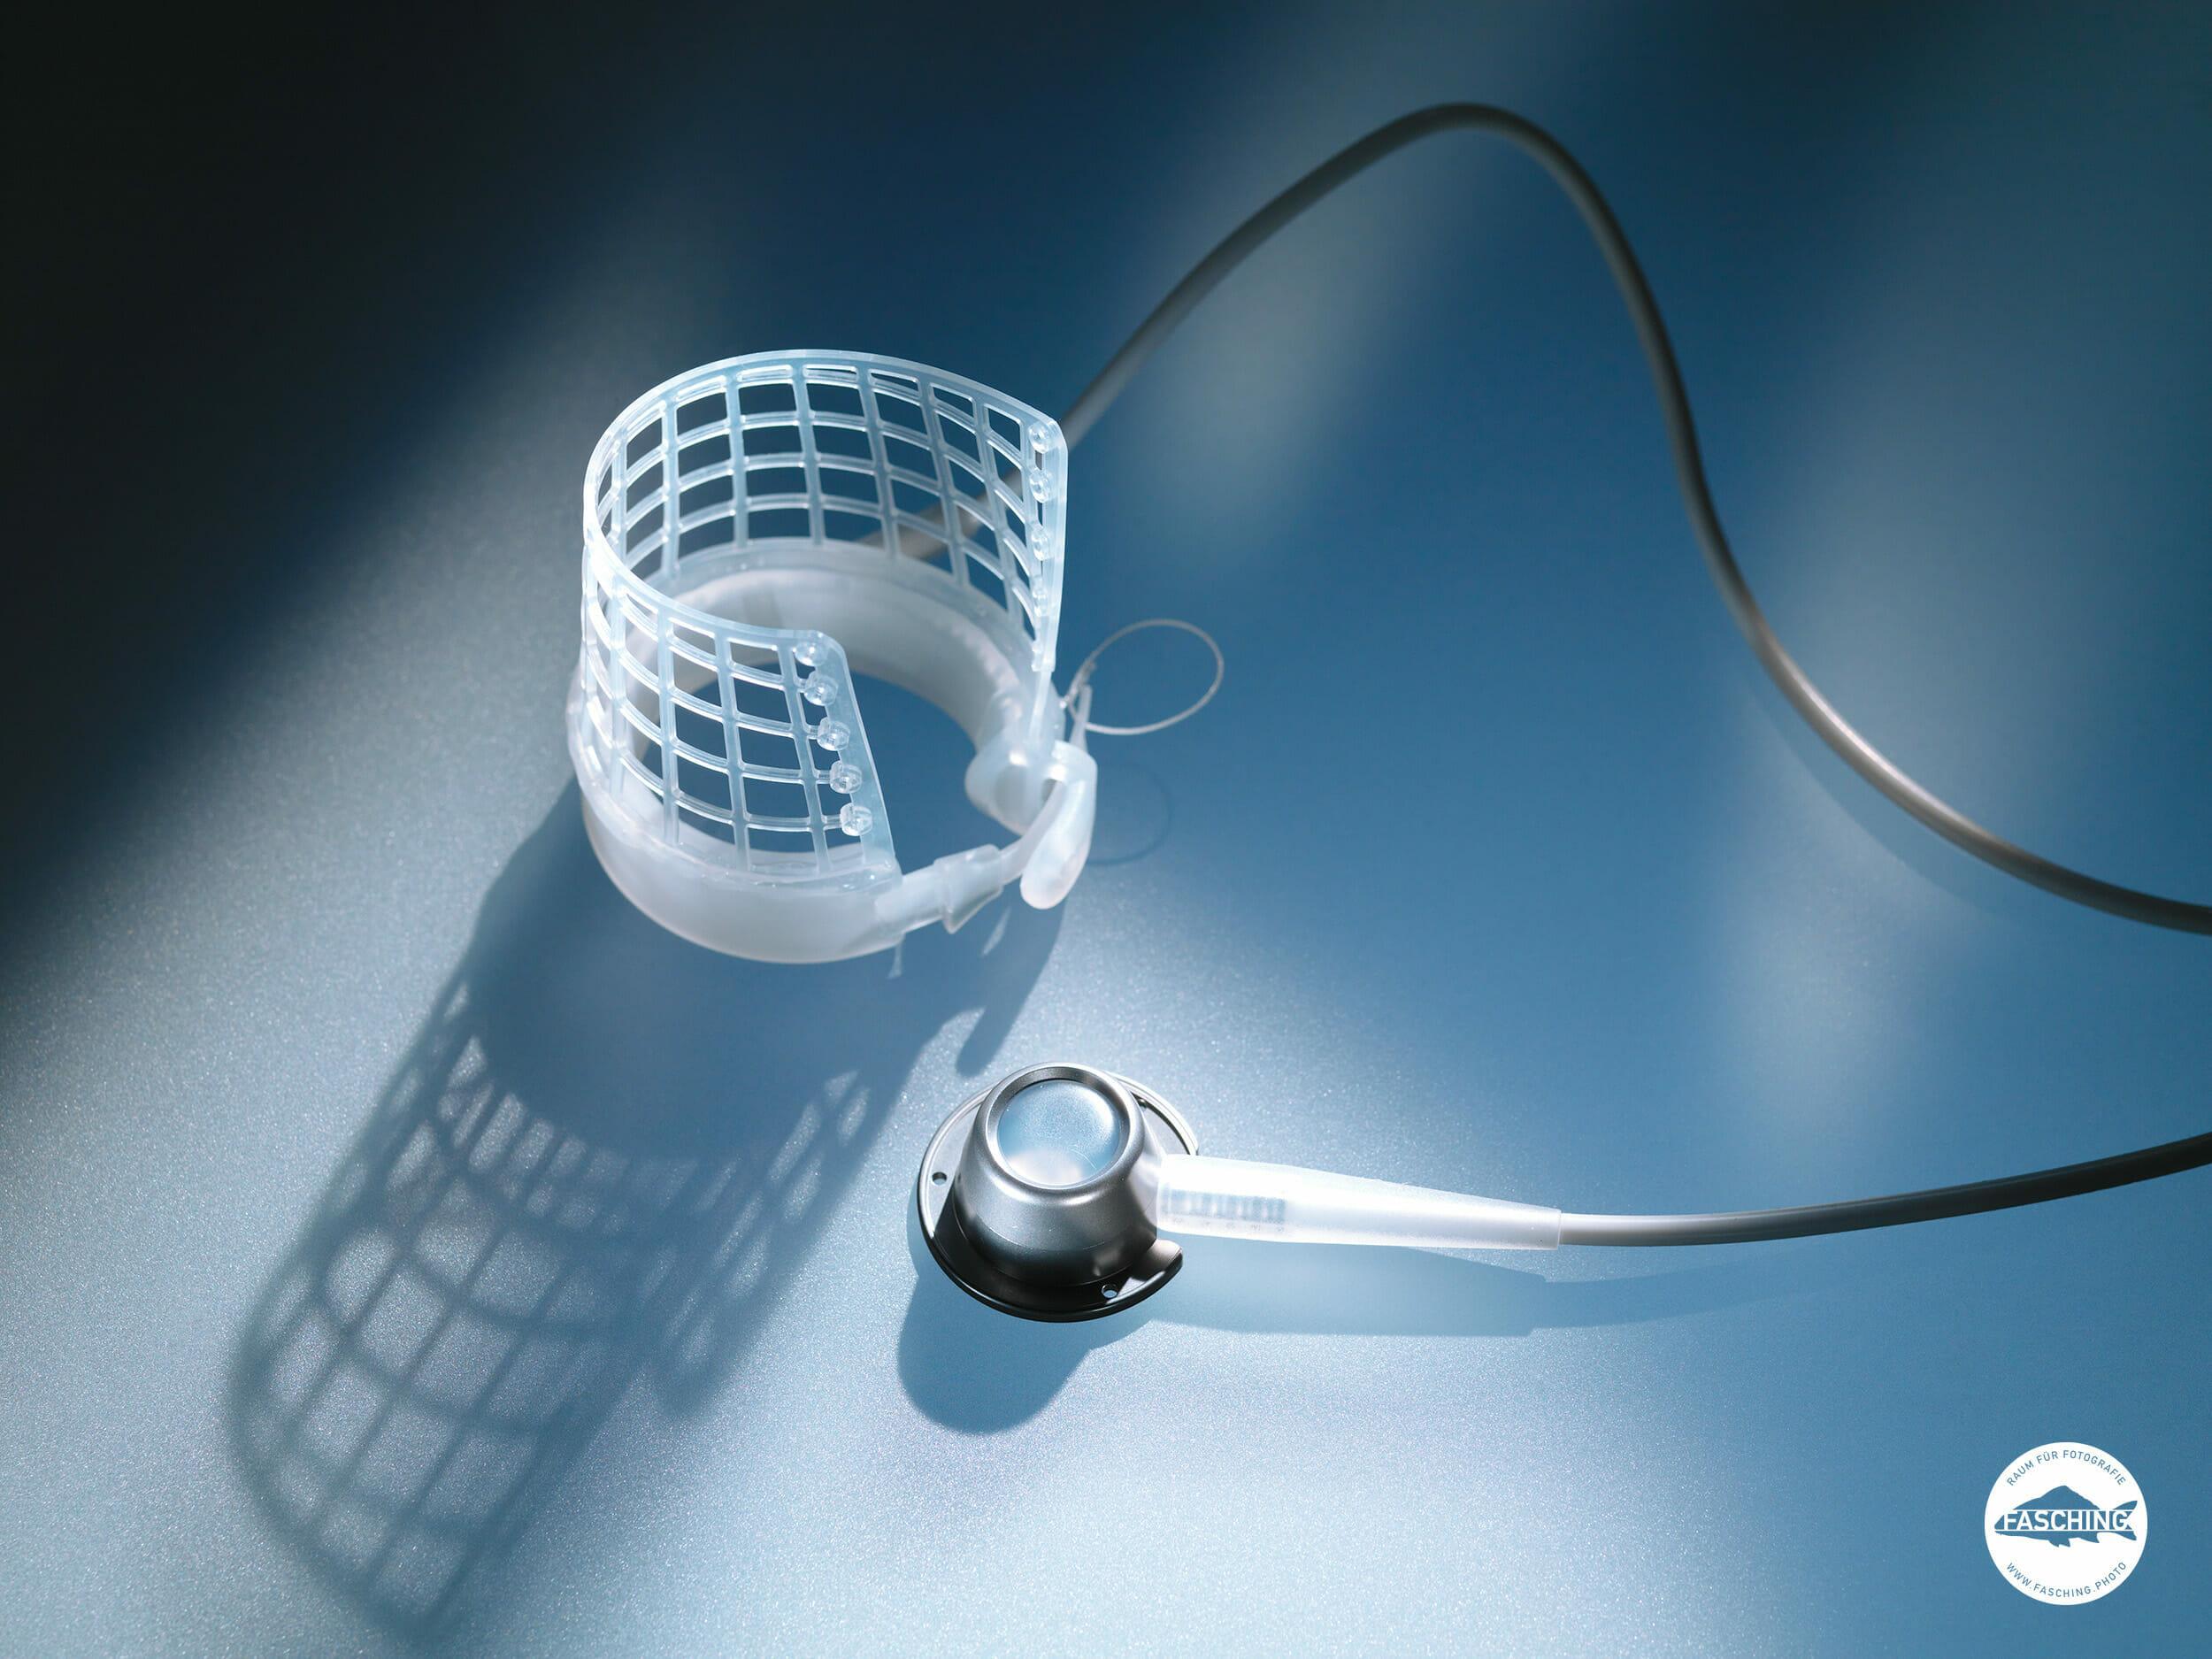 Basketband, Produktfotografie von Medizinprodukt